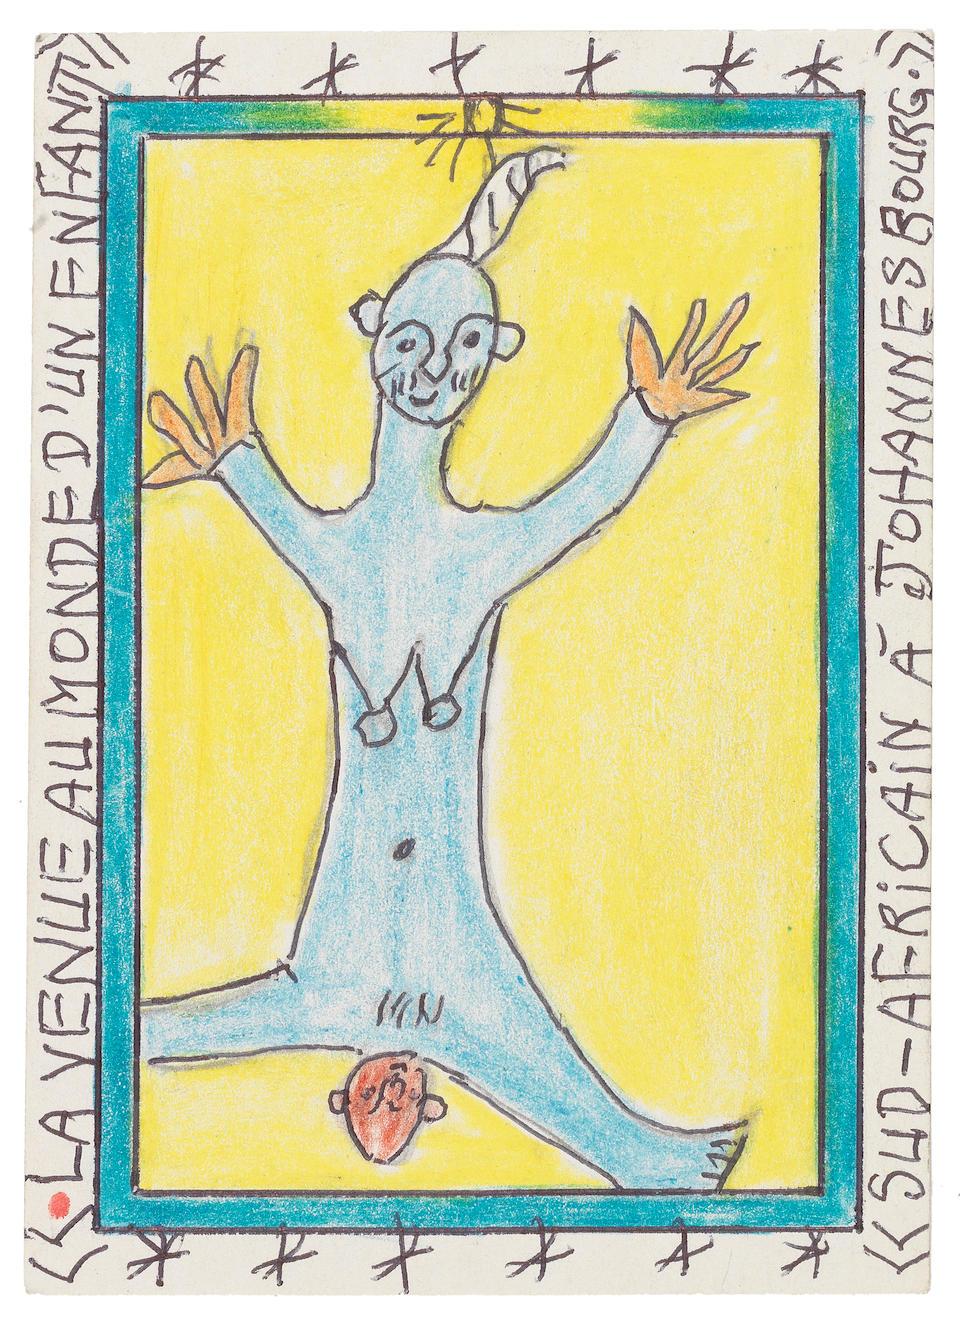 Frédéric Bruly Bouabré (Ivorian, born 1921) Twelve drawings 15 x 10.5cm (5 7/8 x 4 1/8in) each (12) unframed